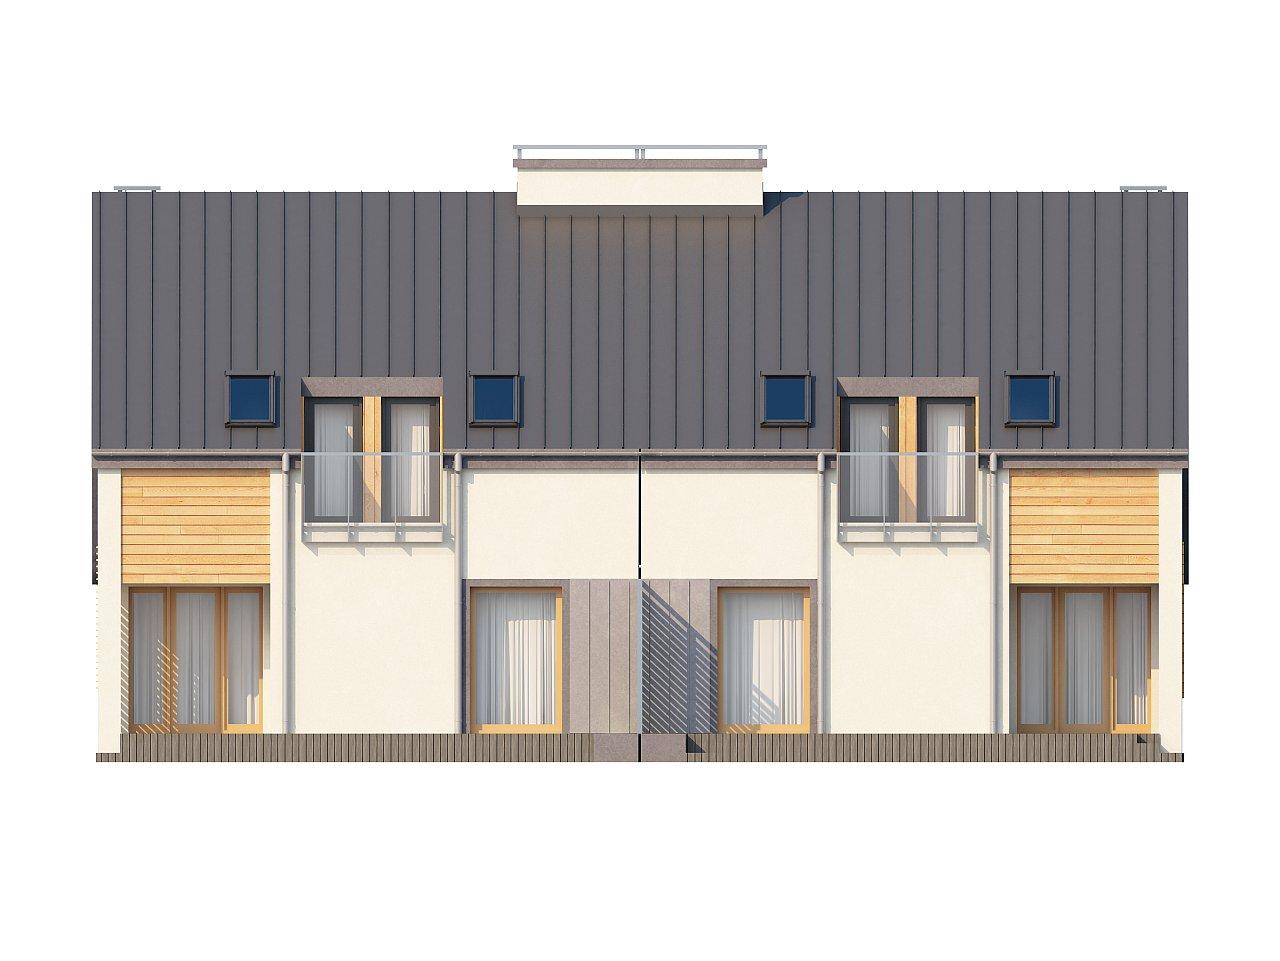 Проект стильного, функционального и недорогого двухсемейного дома. 22